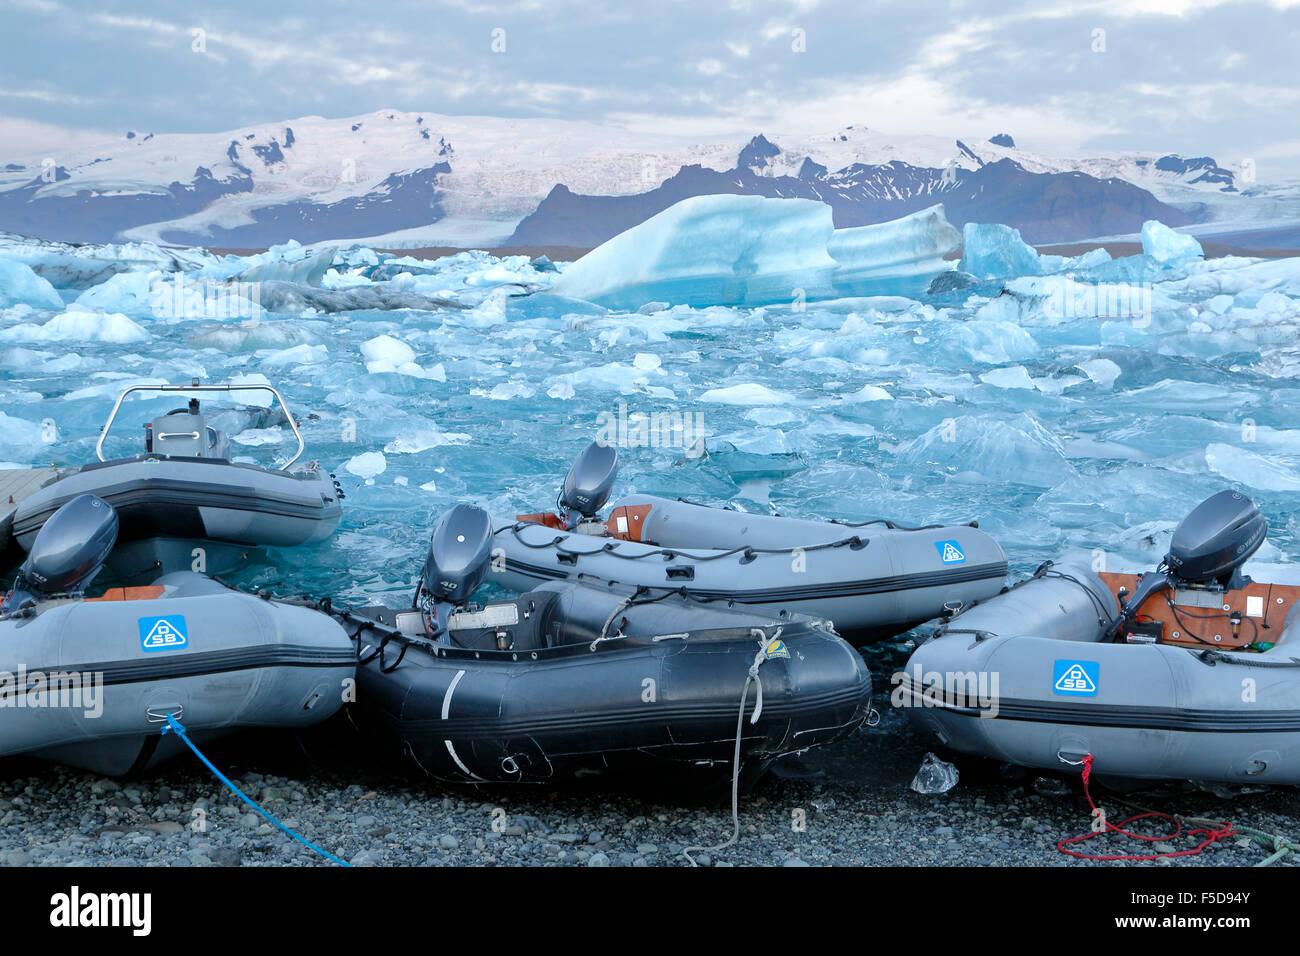 Los botes, icebergs y montañas cubiertas de nieve, la Laguna glaciar Jokulsarlon, Parque Nacional Vatnajokull, Imagen De Stock